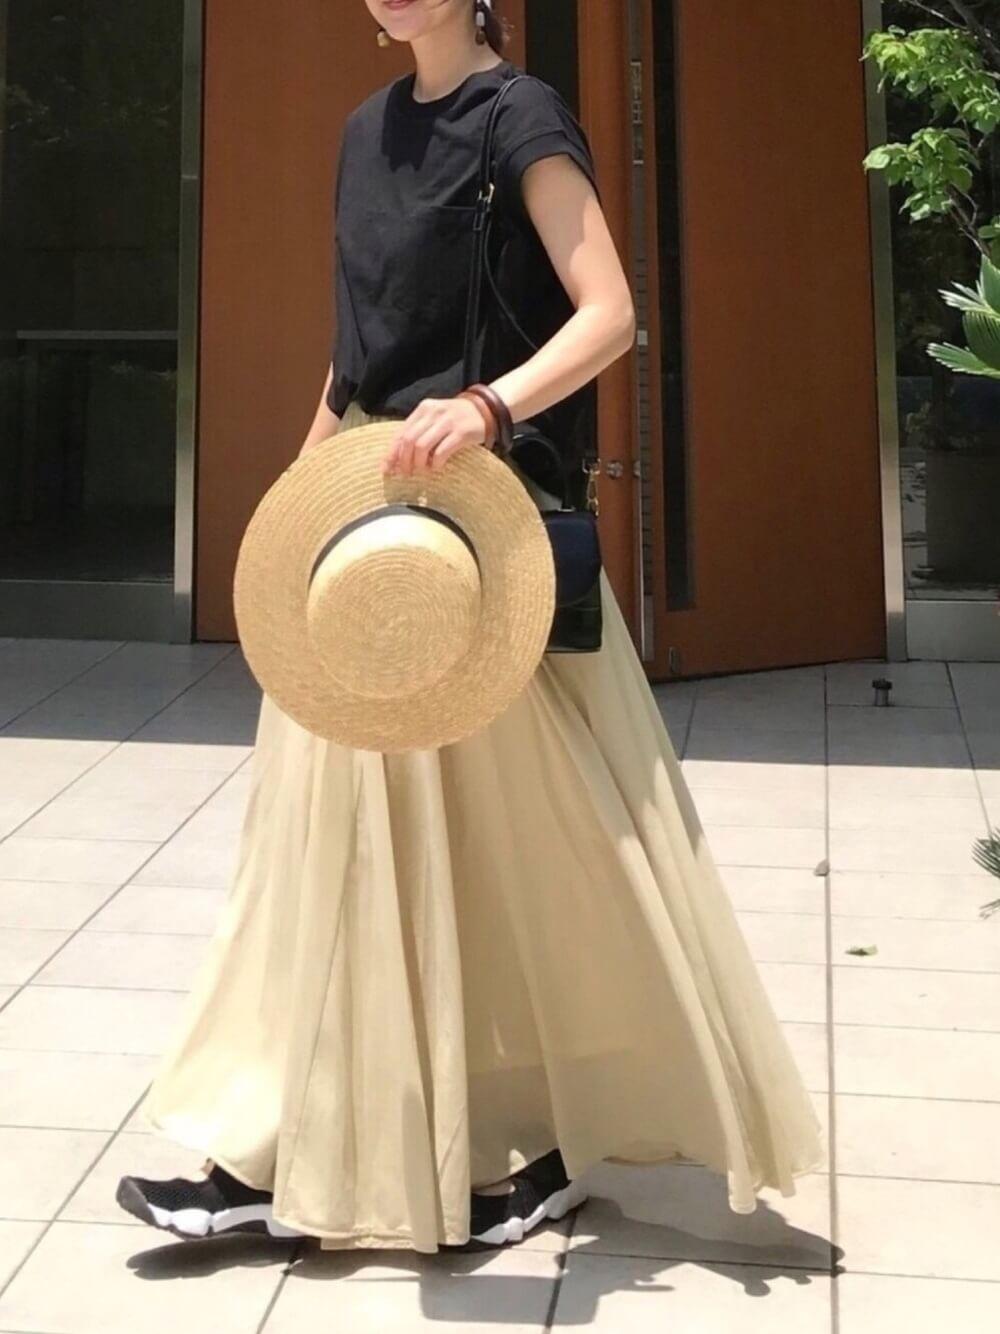 カンカン帽×黒のTシャツ×イエローのフレアスカート